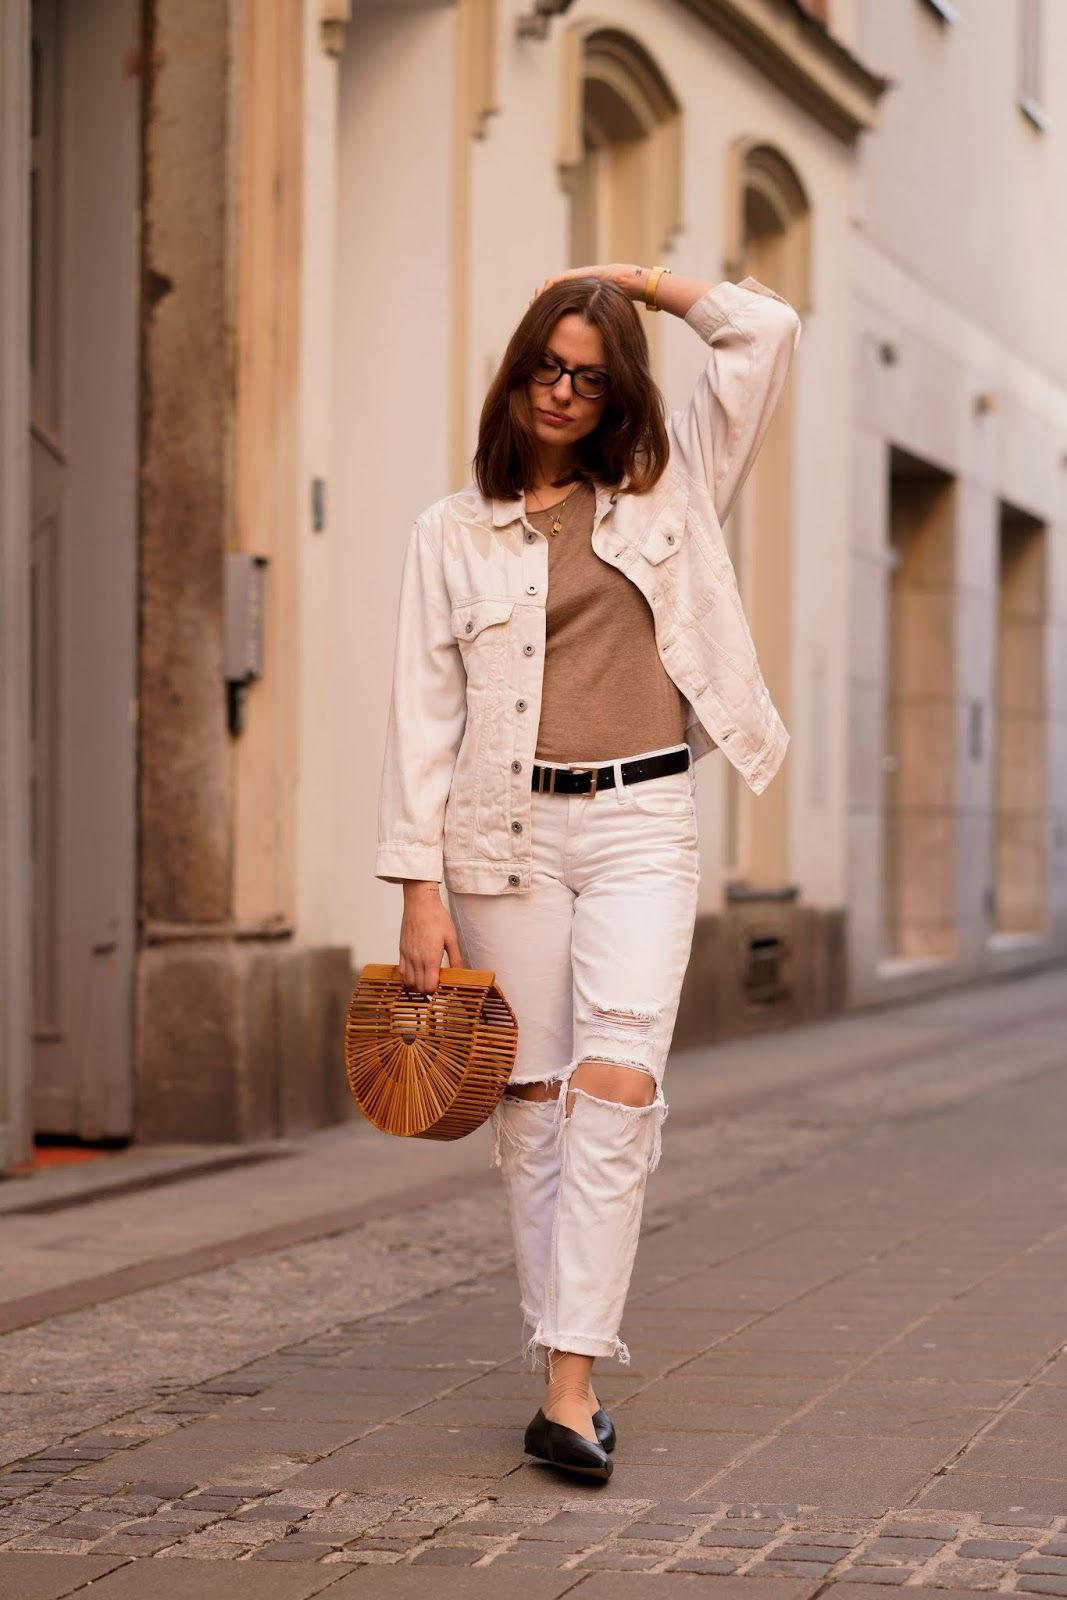 DENIM ALLOVER: 7 ways to wear